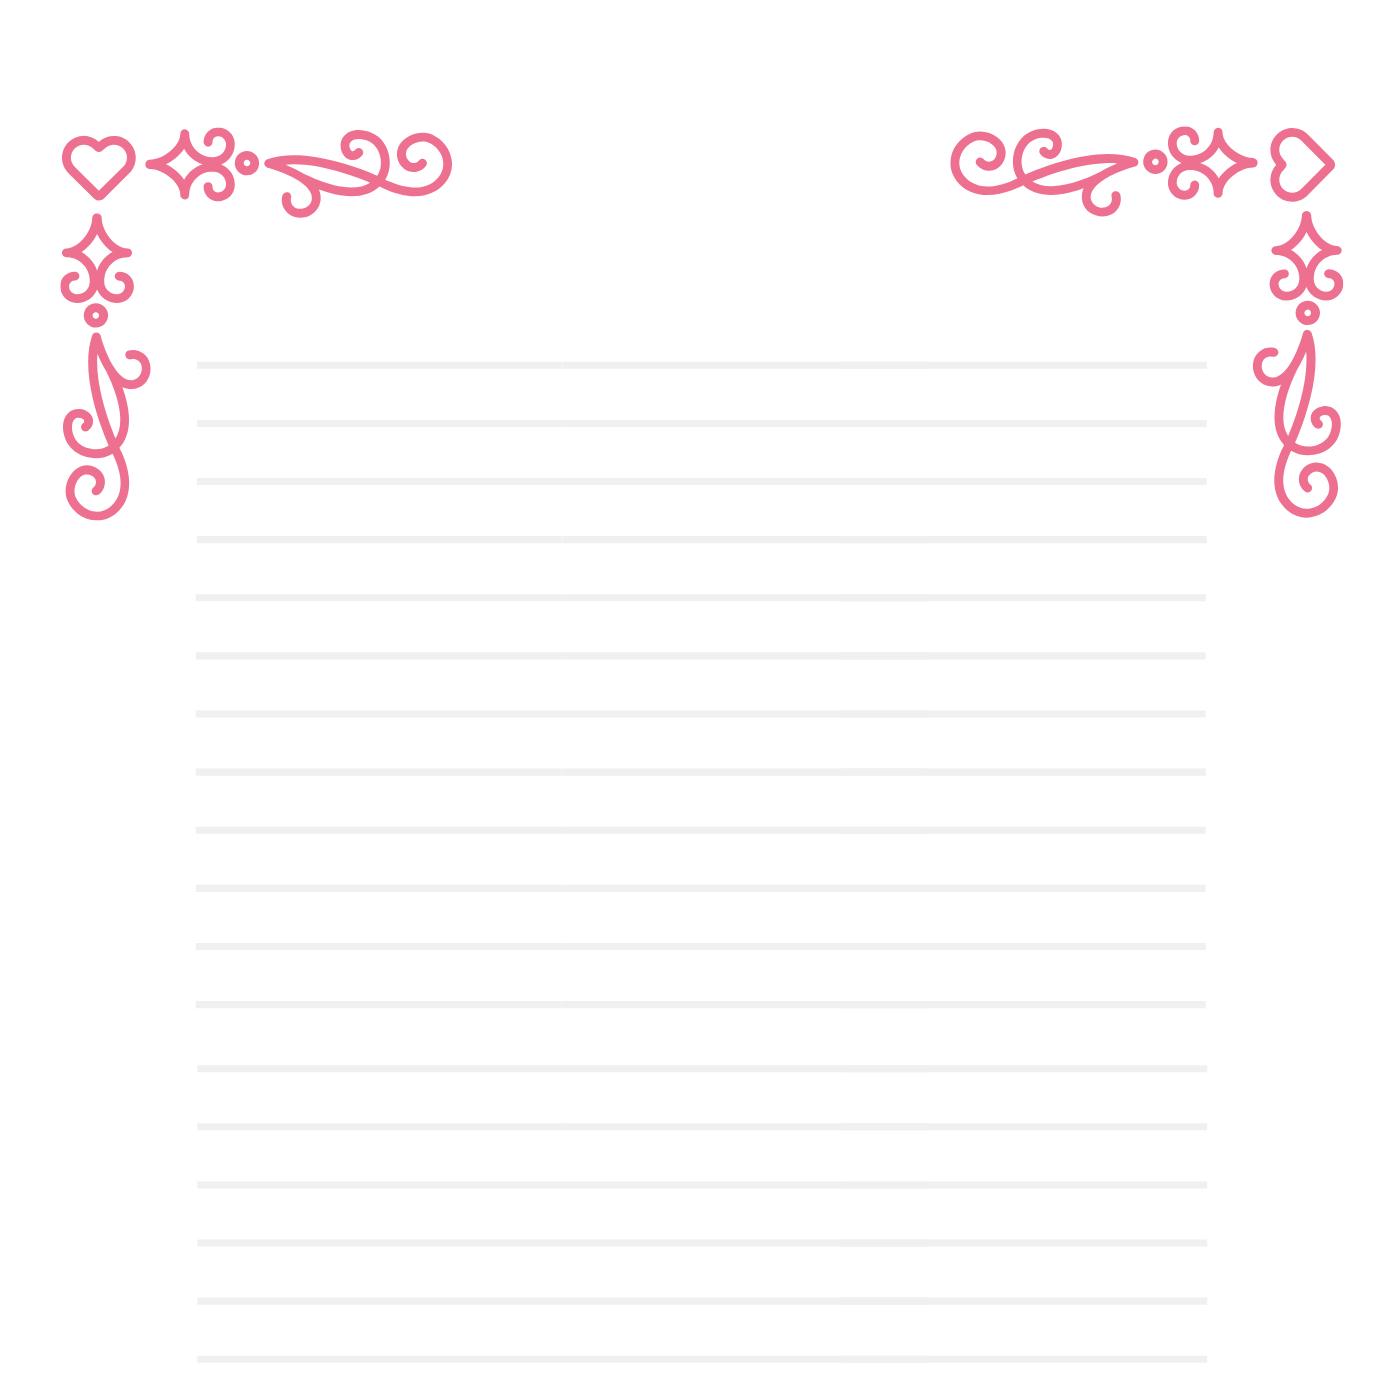 Papier À Lettre Dessin À Imprimer - Papier A Lettre - Tête À avec Lettre A Imprimer Gratuit